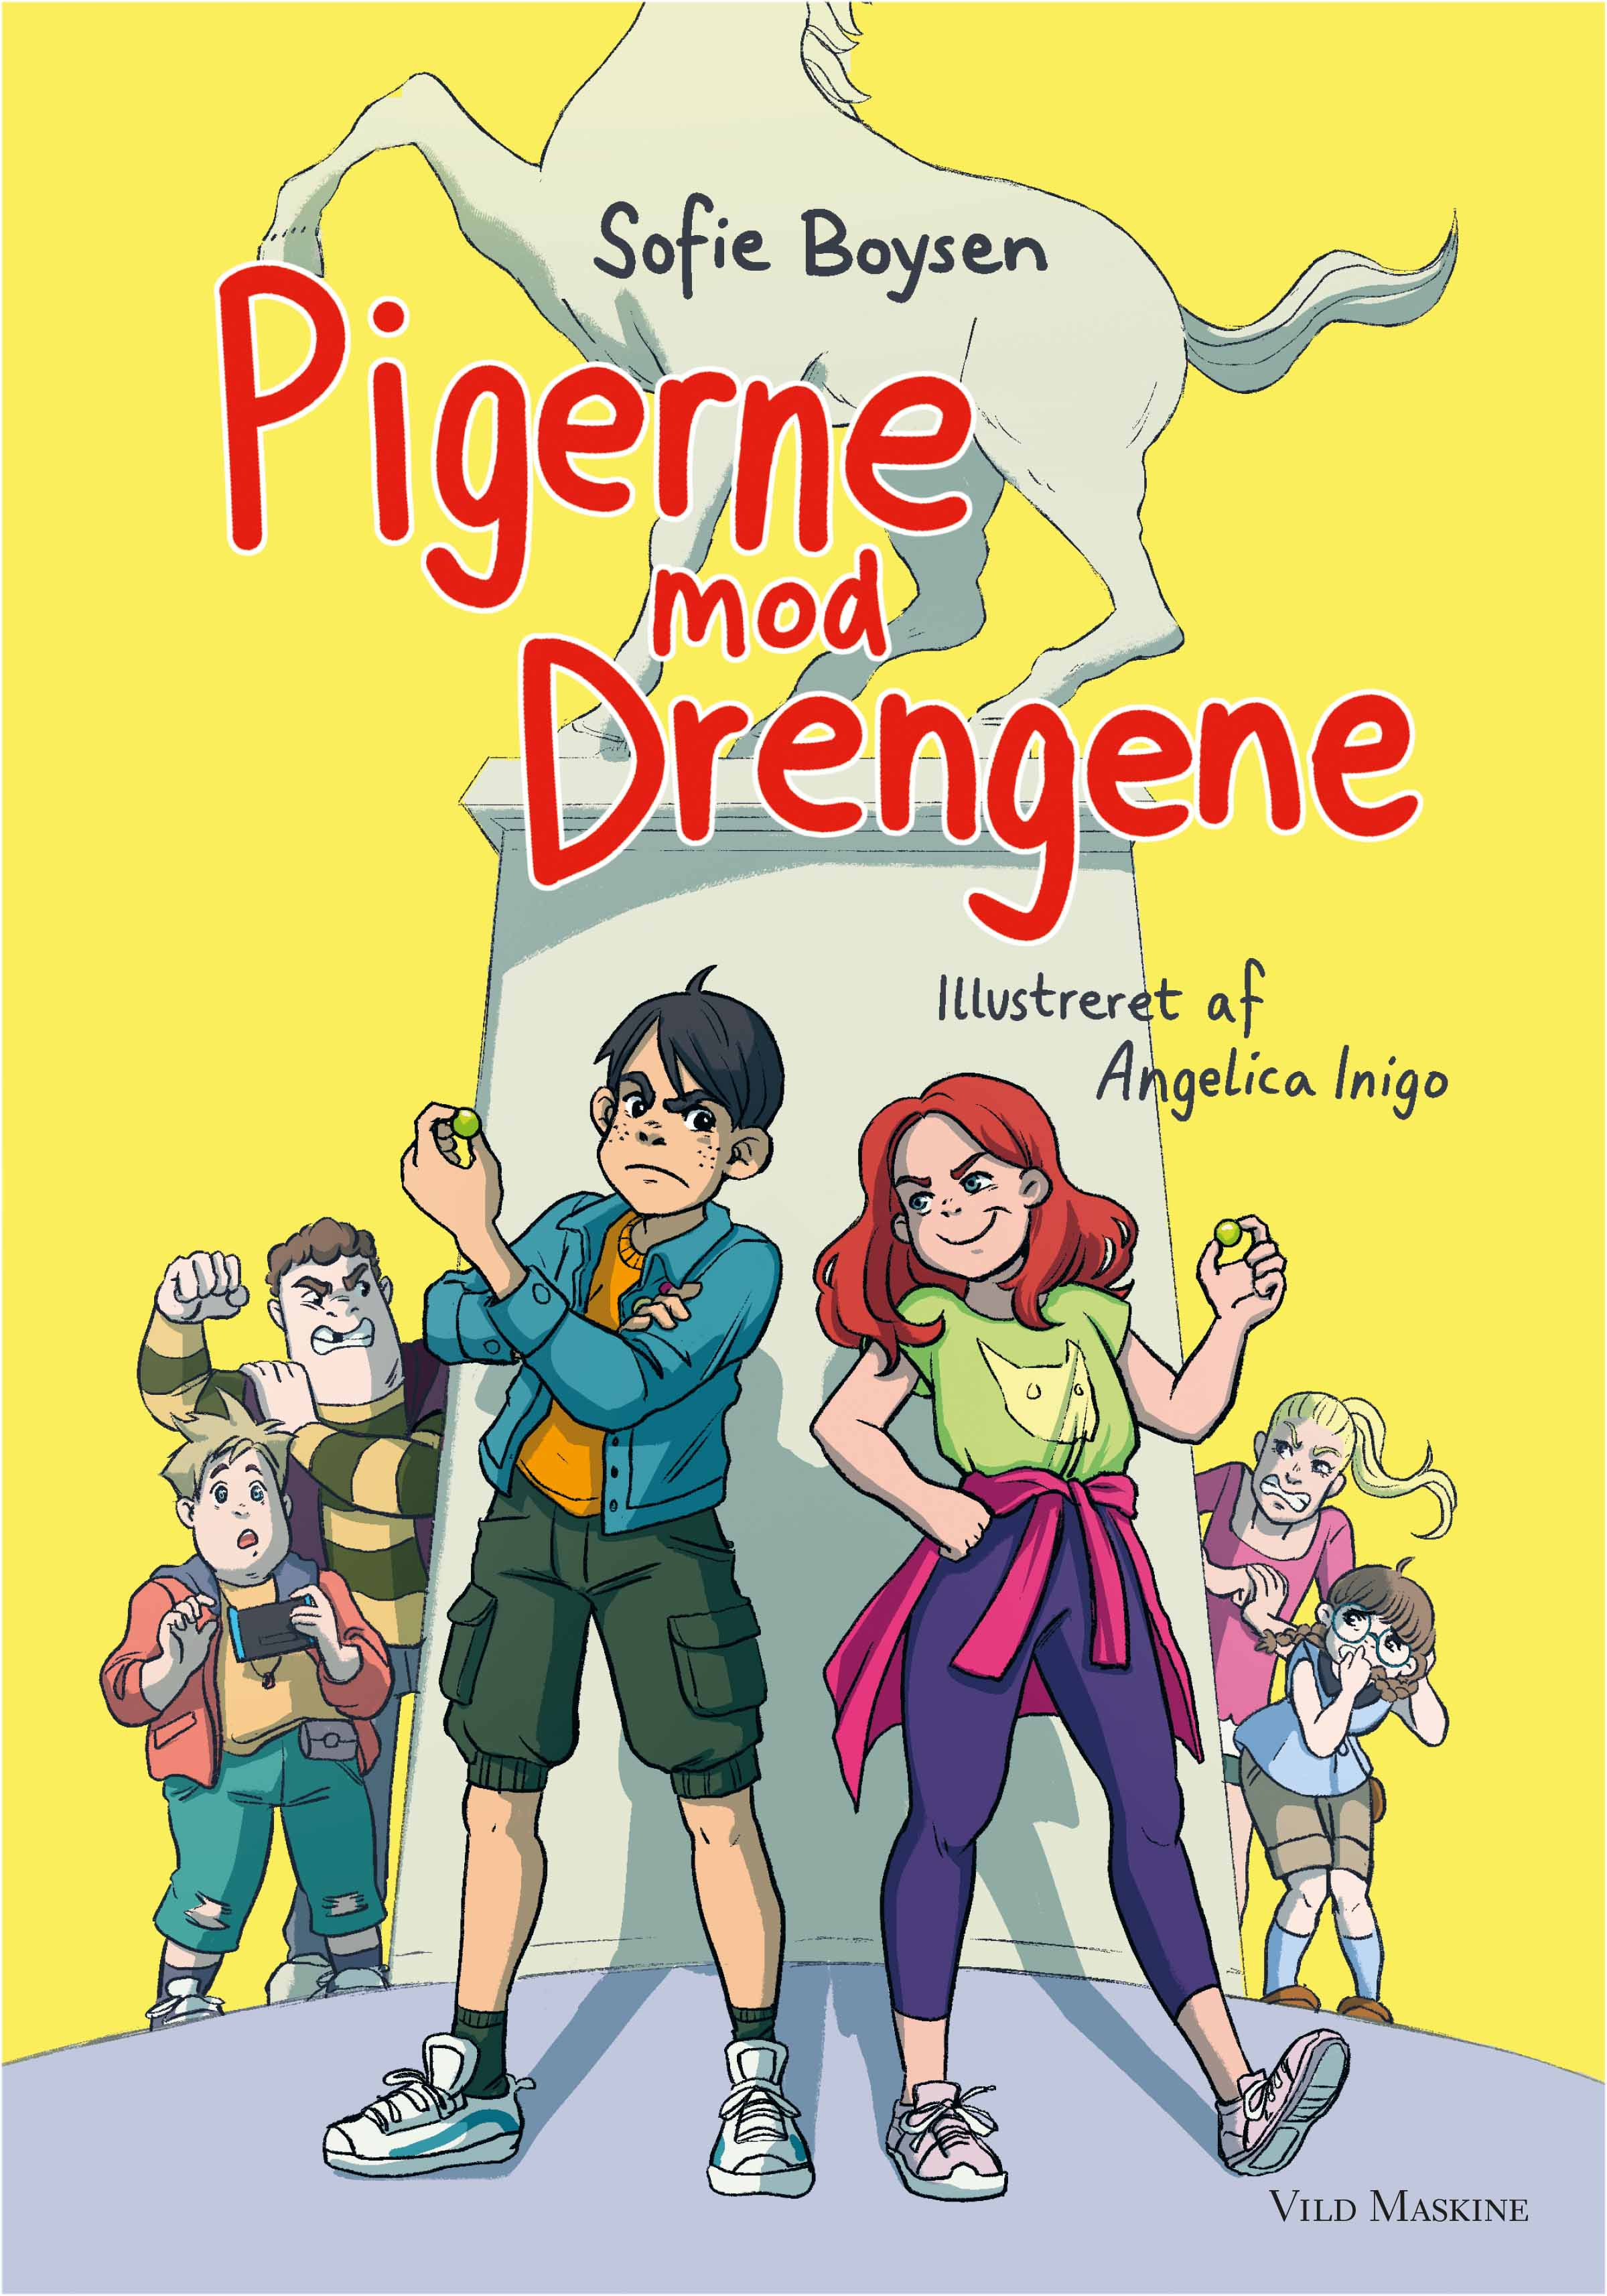 """""""Pigerne mod drengene"""" af Sofie Boysen, illustreret af Angelica Inigo. Udgivelsesdato: 25. oktober."""